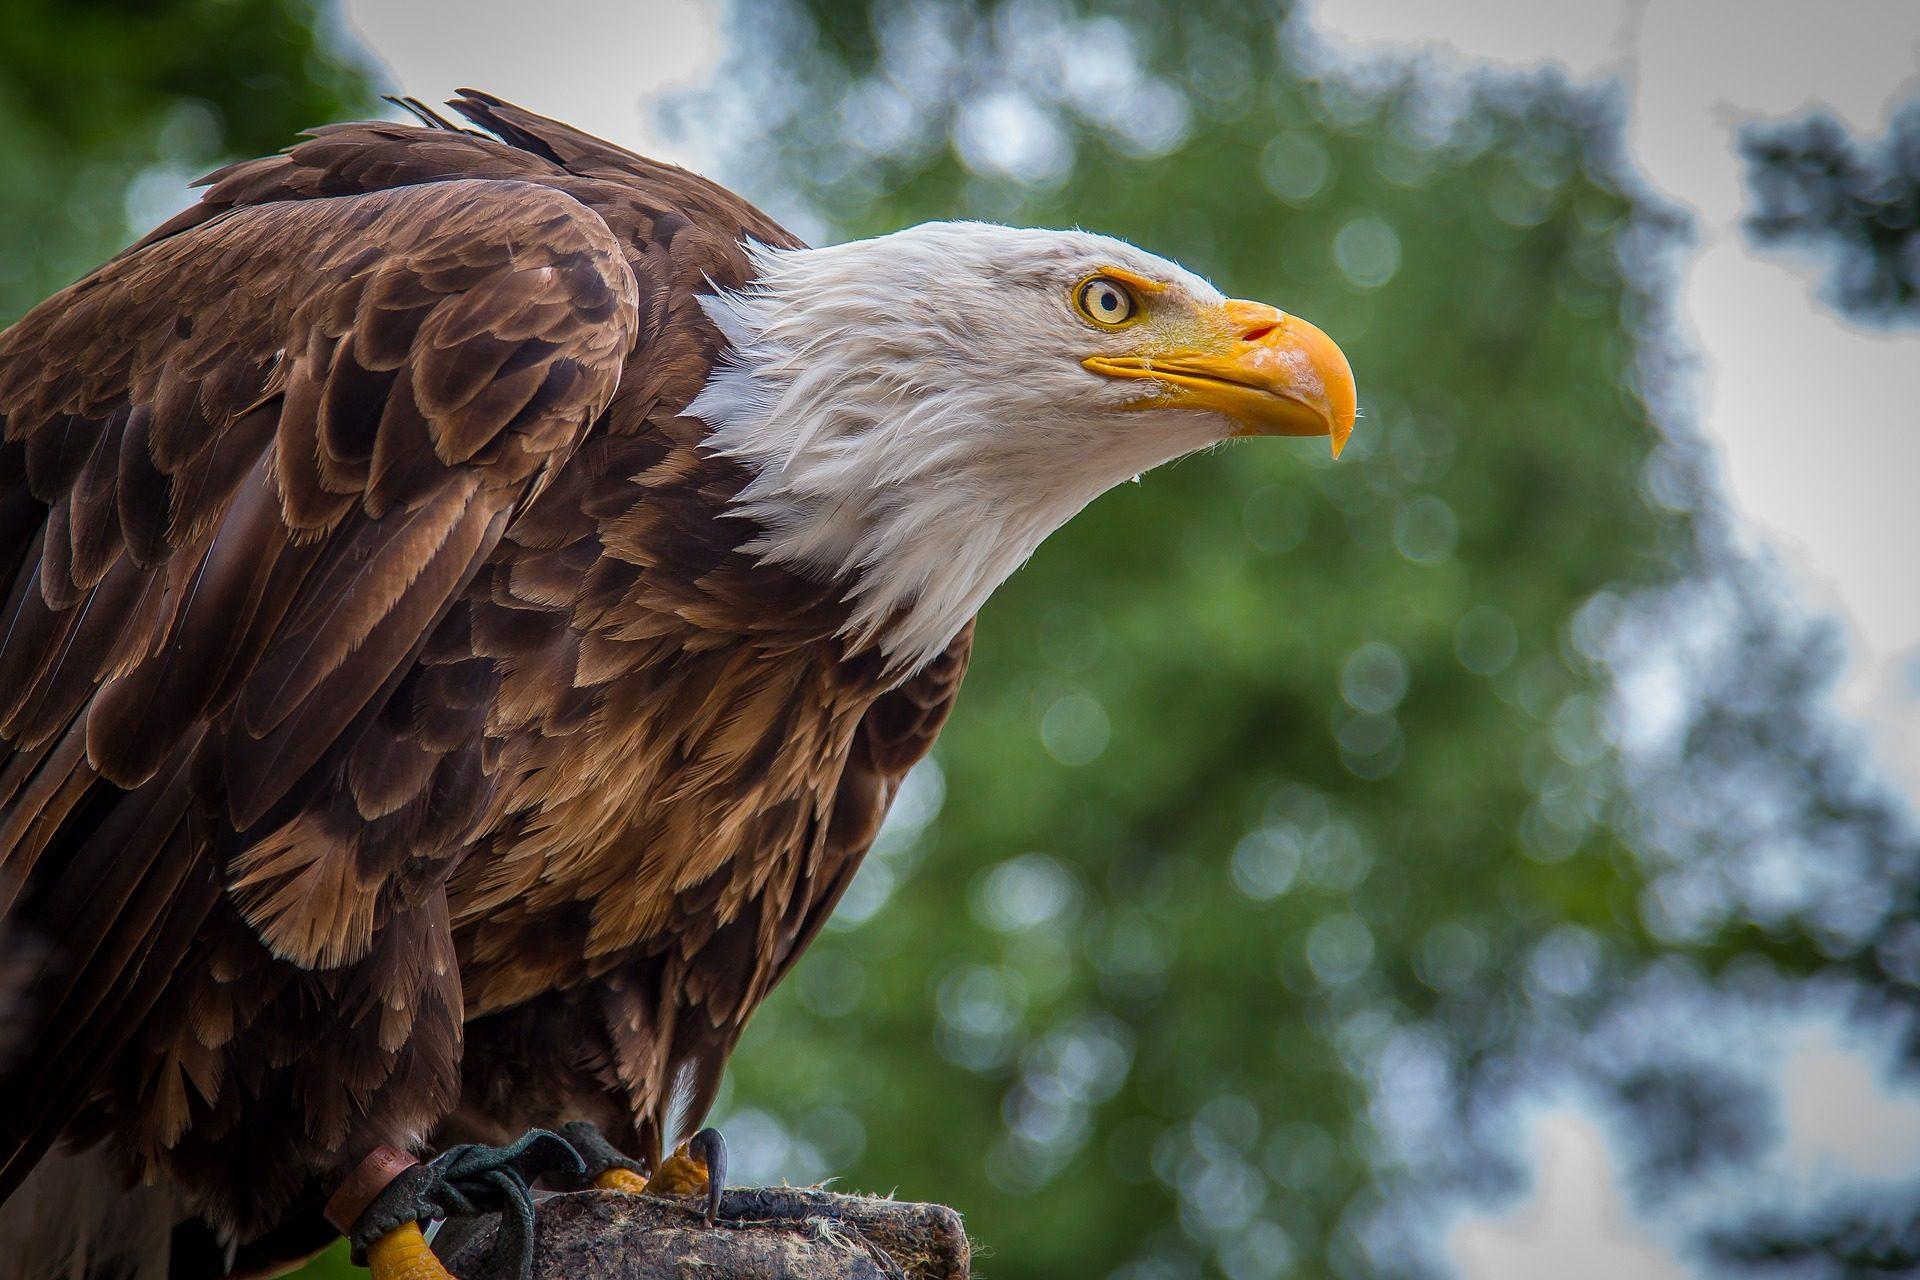 Eagle, Ave, Raptor, pico, Olha, posição, plumagem - Papéis de parede HD - Professor-falken.com